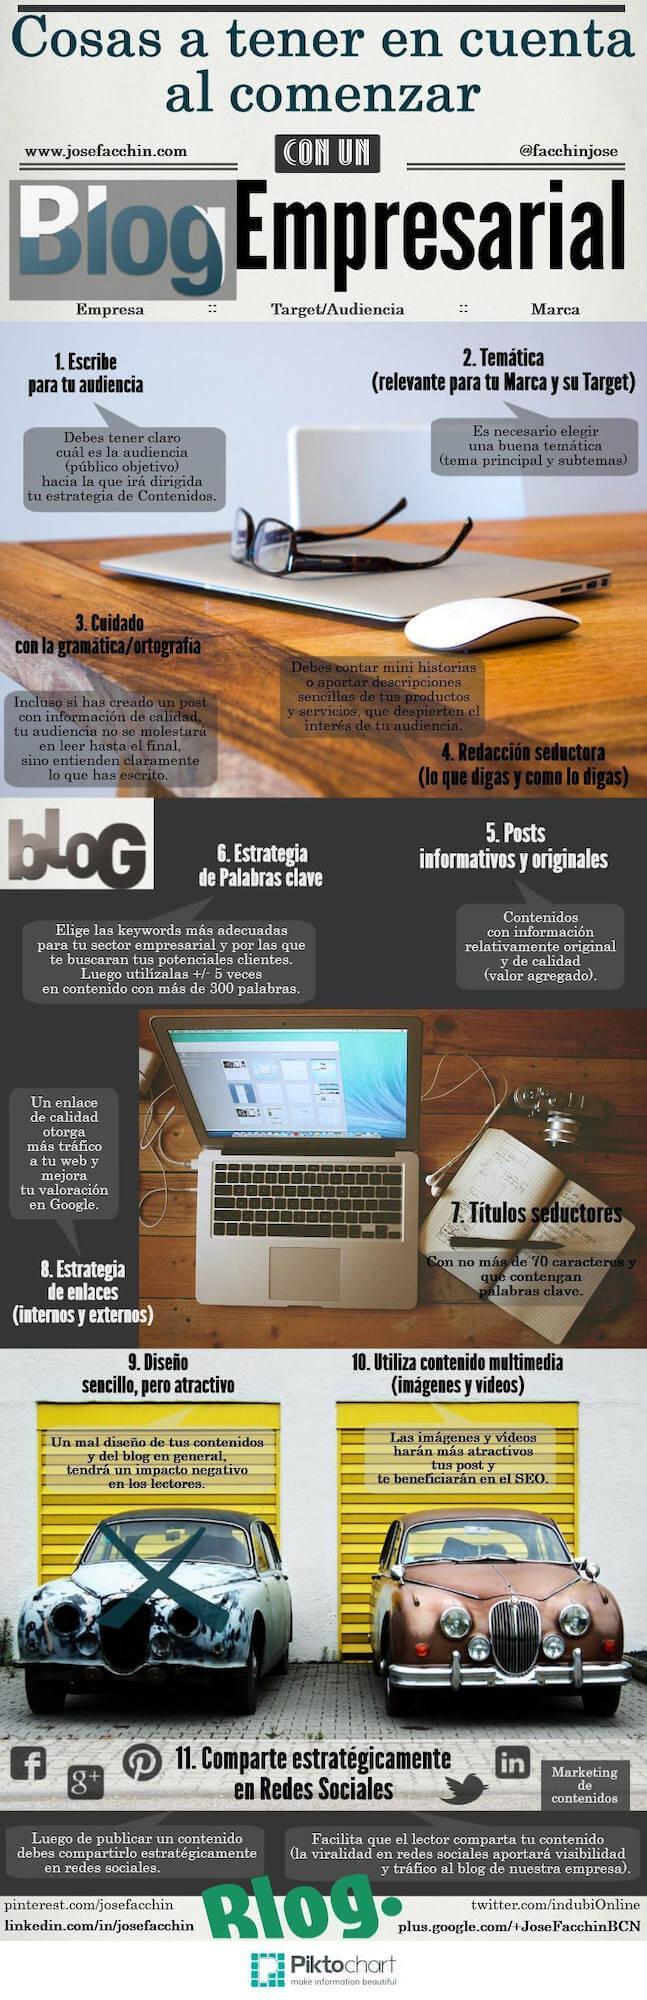 Cosas a tener en cuenta al comenzar con un Blog empresarial